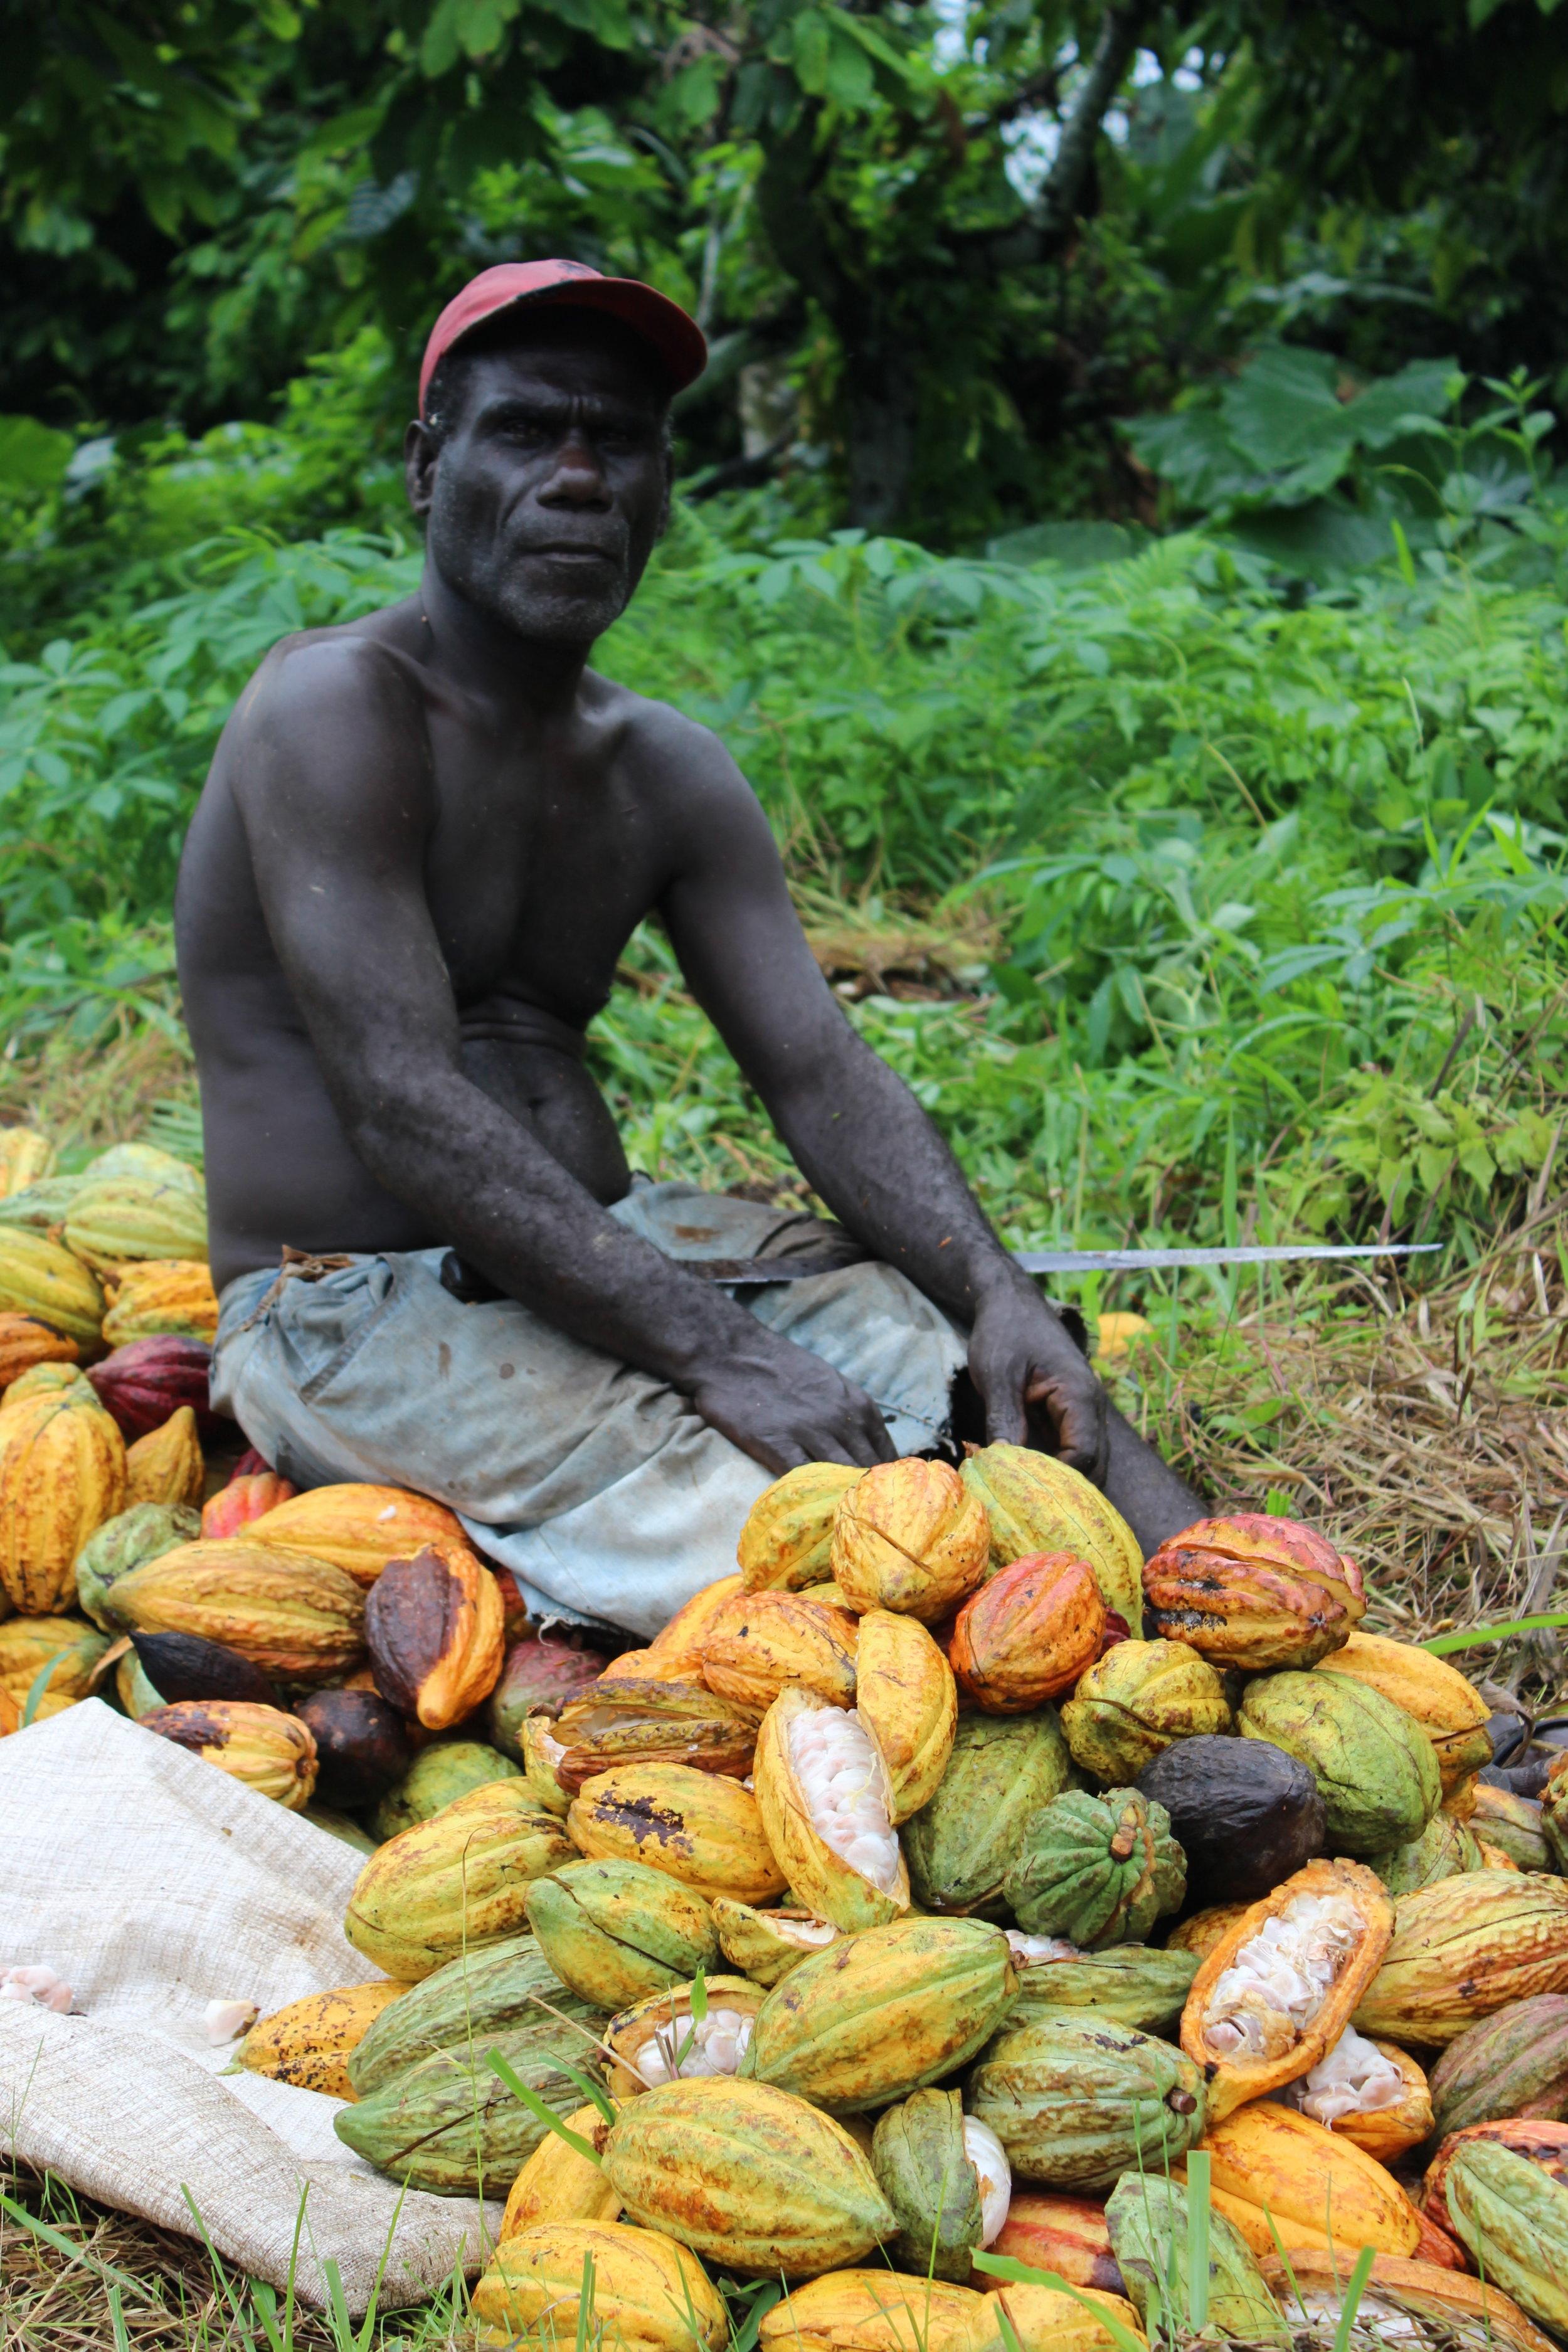 Cocoa farmer at origin in the Solomon Islands.